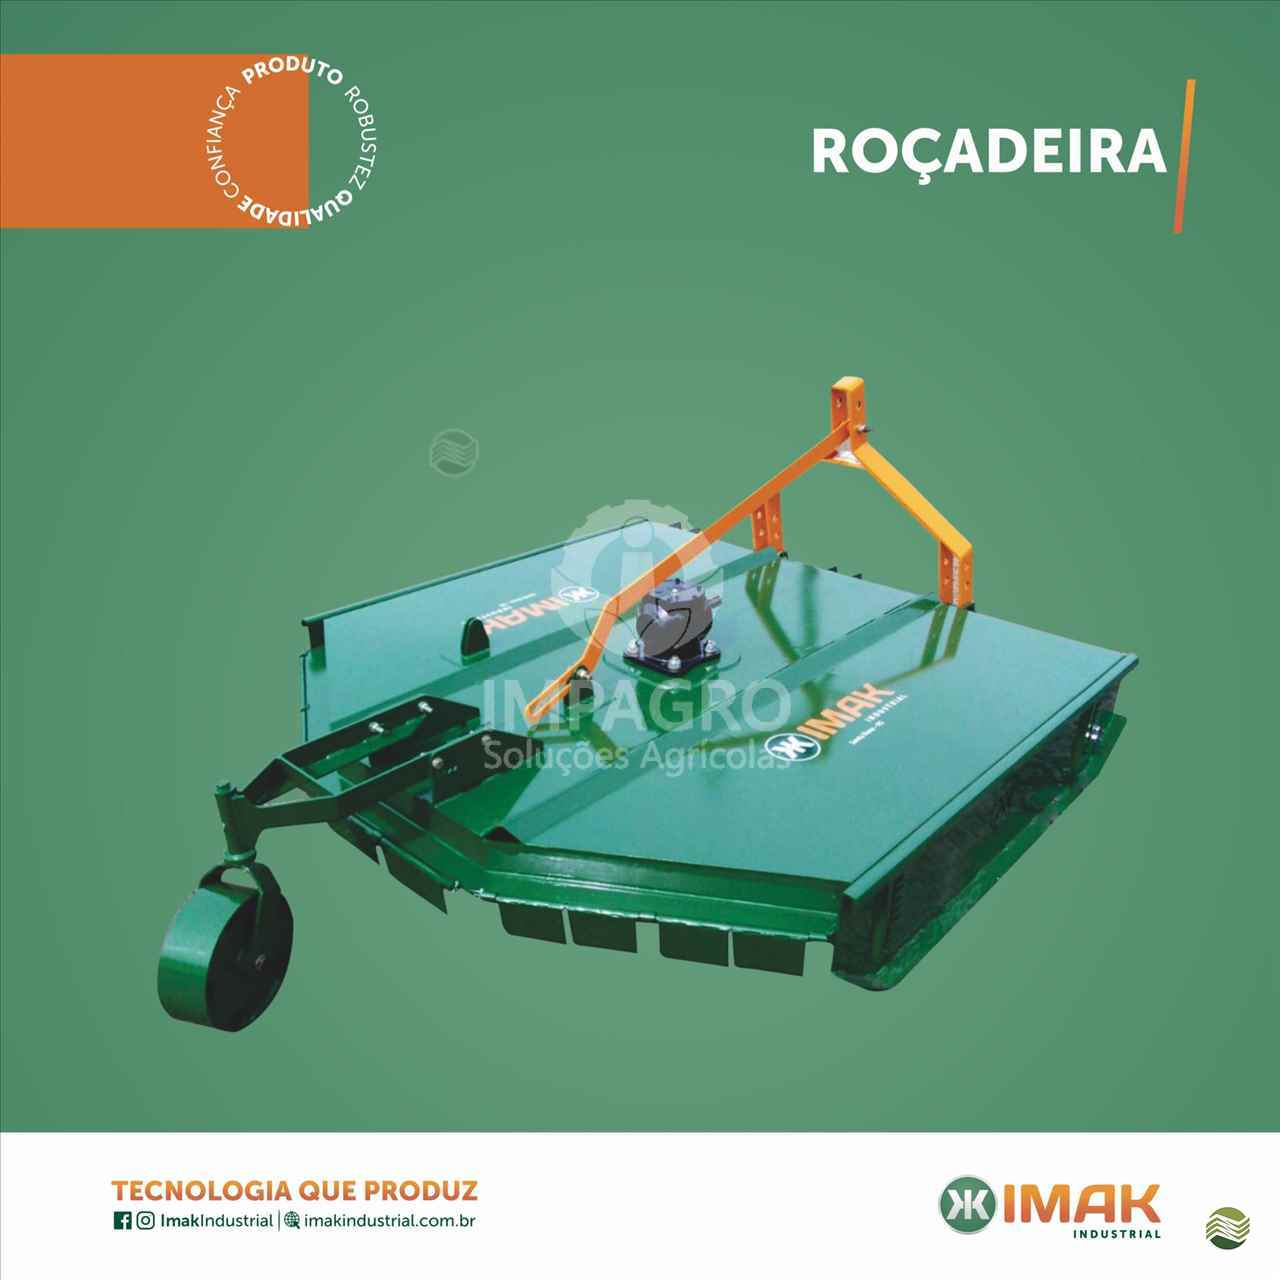 IMPLEMENTOS AGRICOLAS ROCADEIRA ROCADEIRA HIDRÁULICA Impagro Soluções Agrícolas AJURICABA RIO GRANDE DO SUL RS